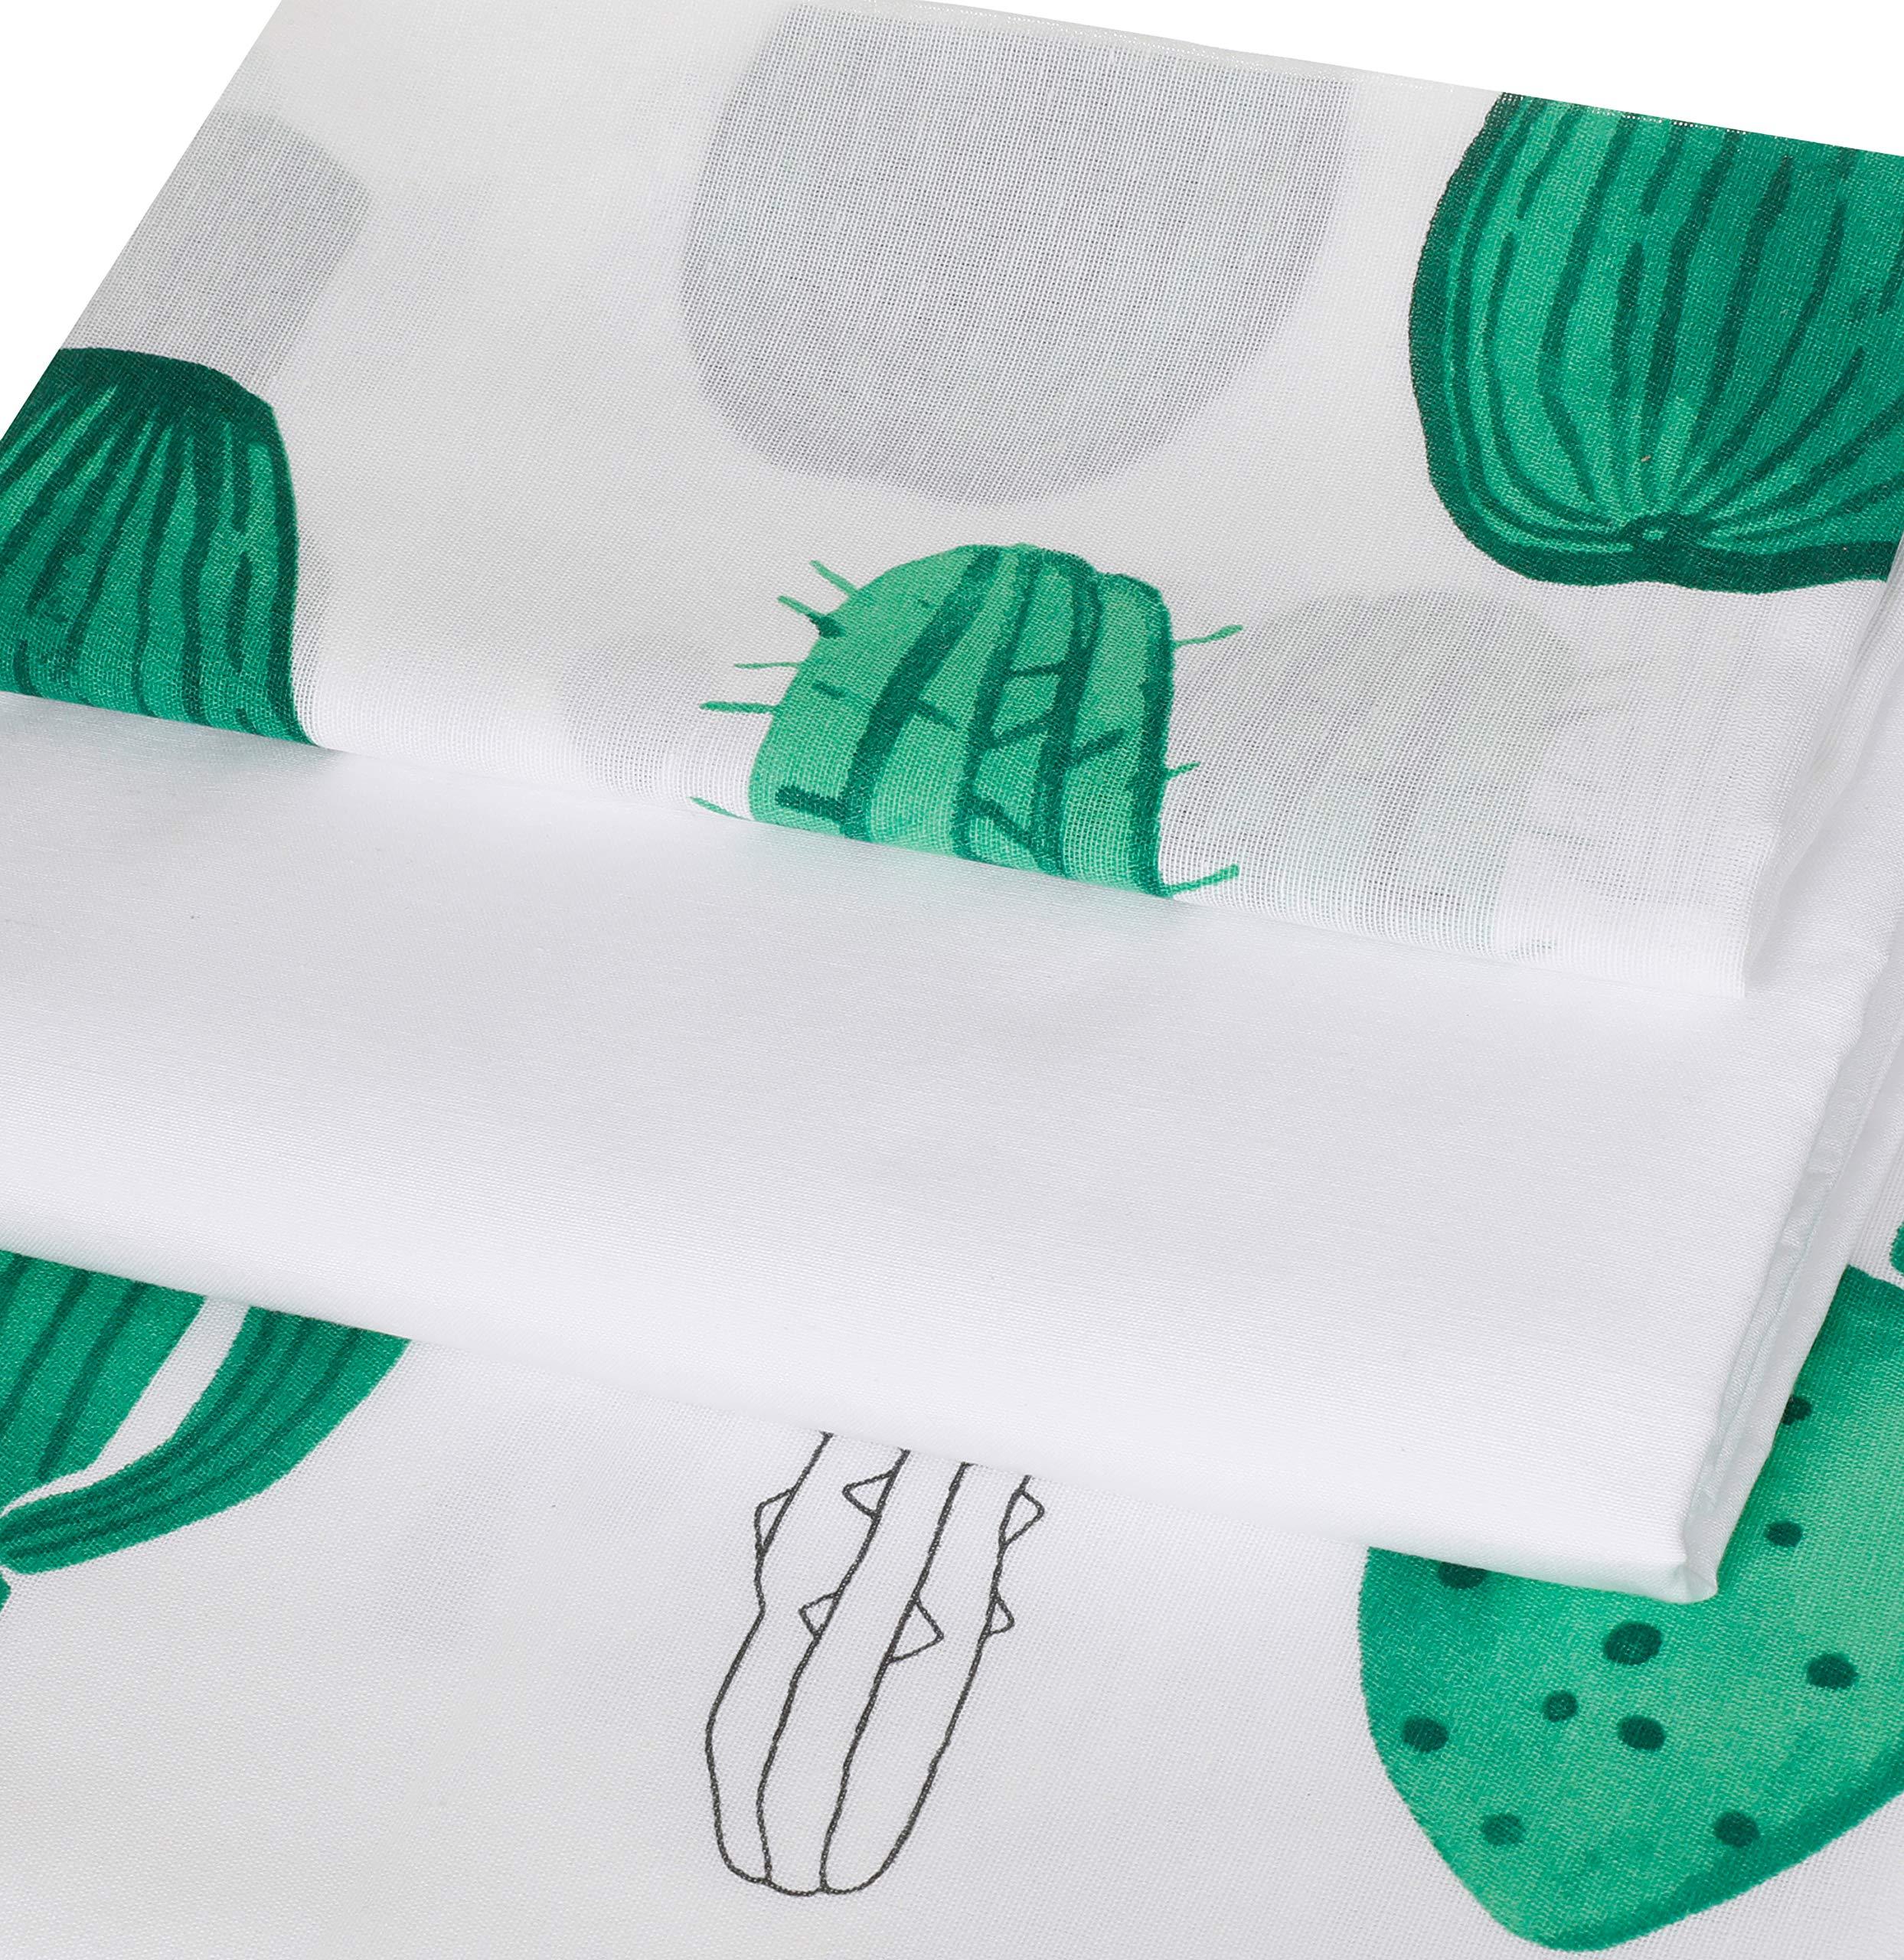 Kolay Utulenir Nevresim Takimi Tek Kisilik Kaktus Yesil Amazon Com Tr